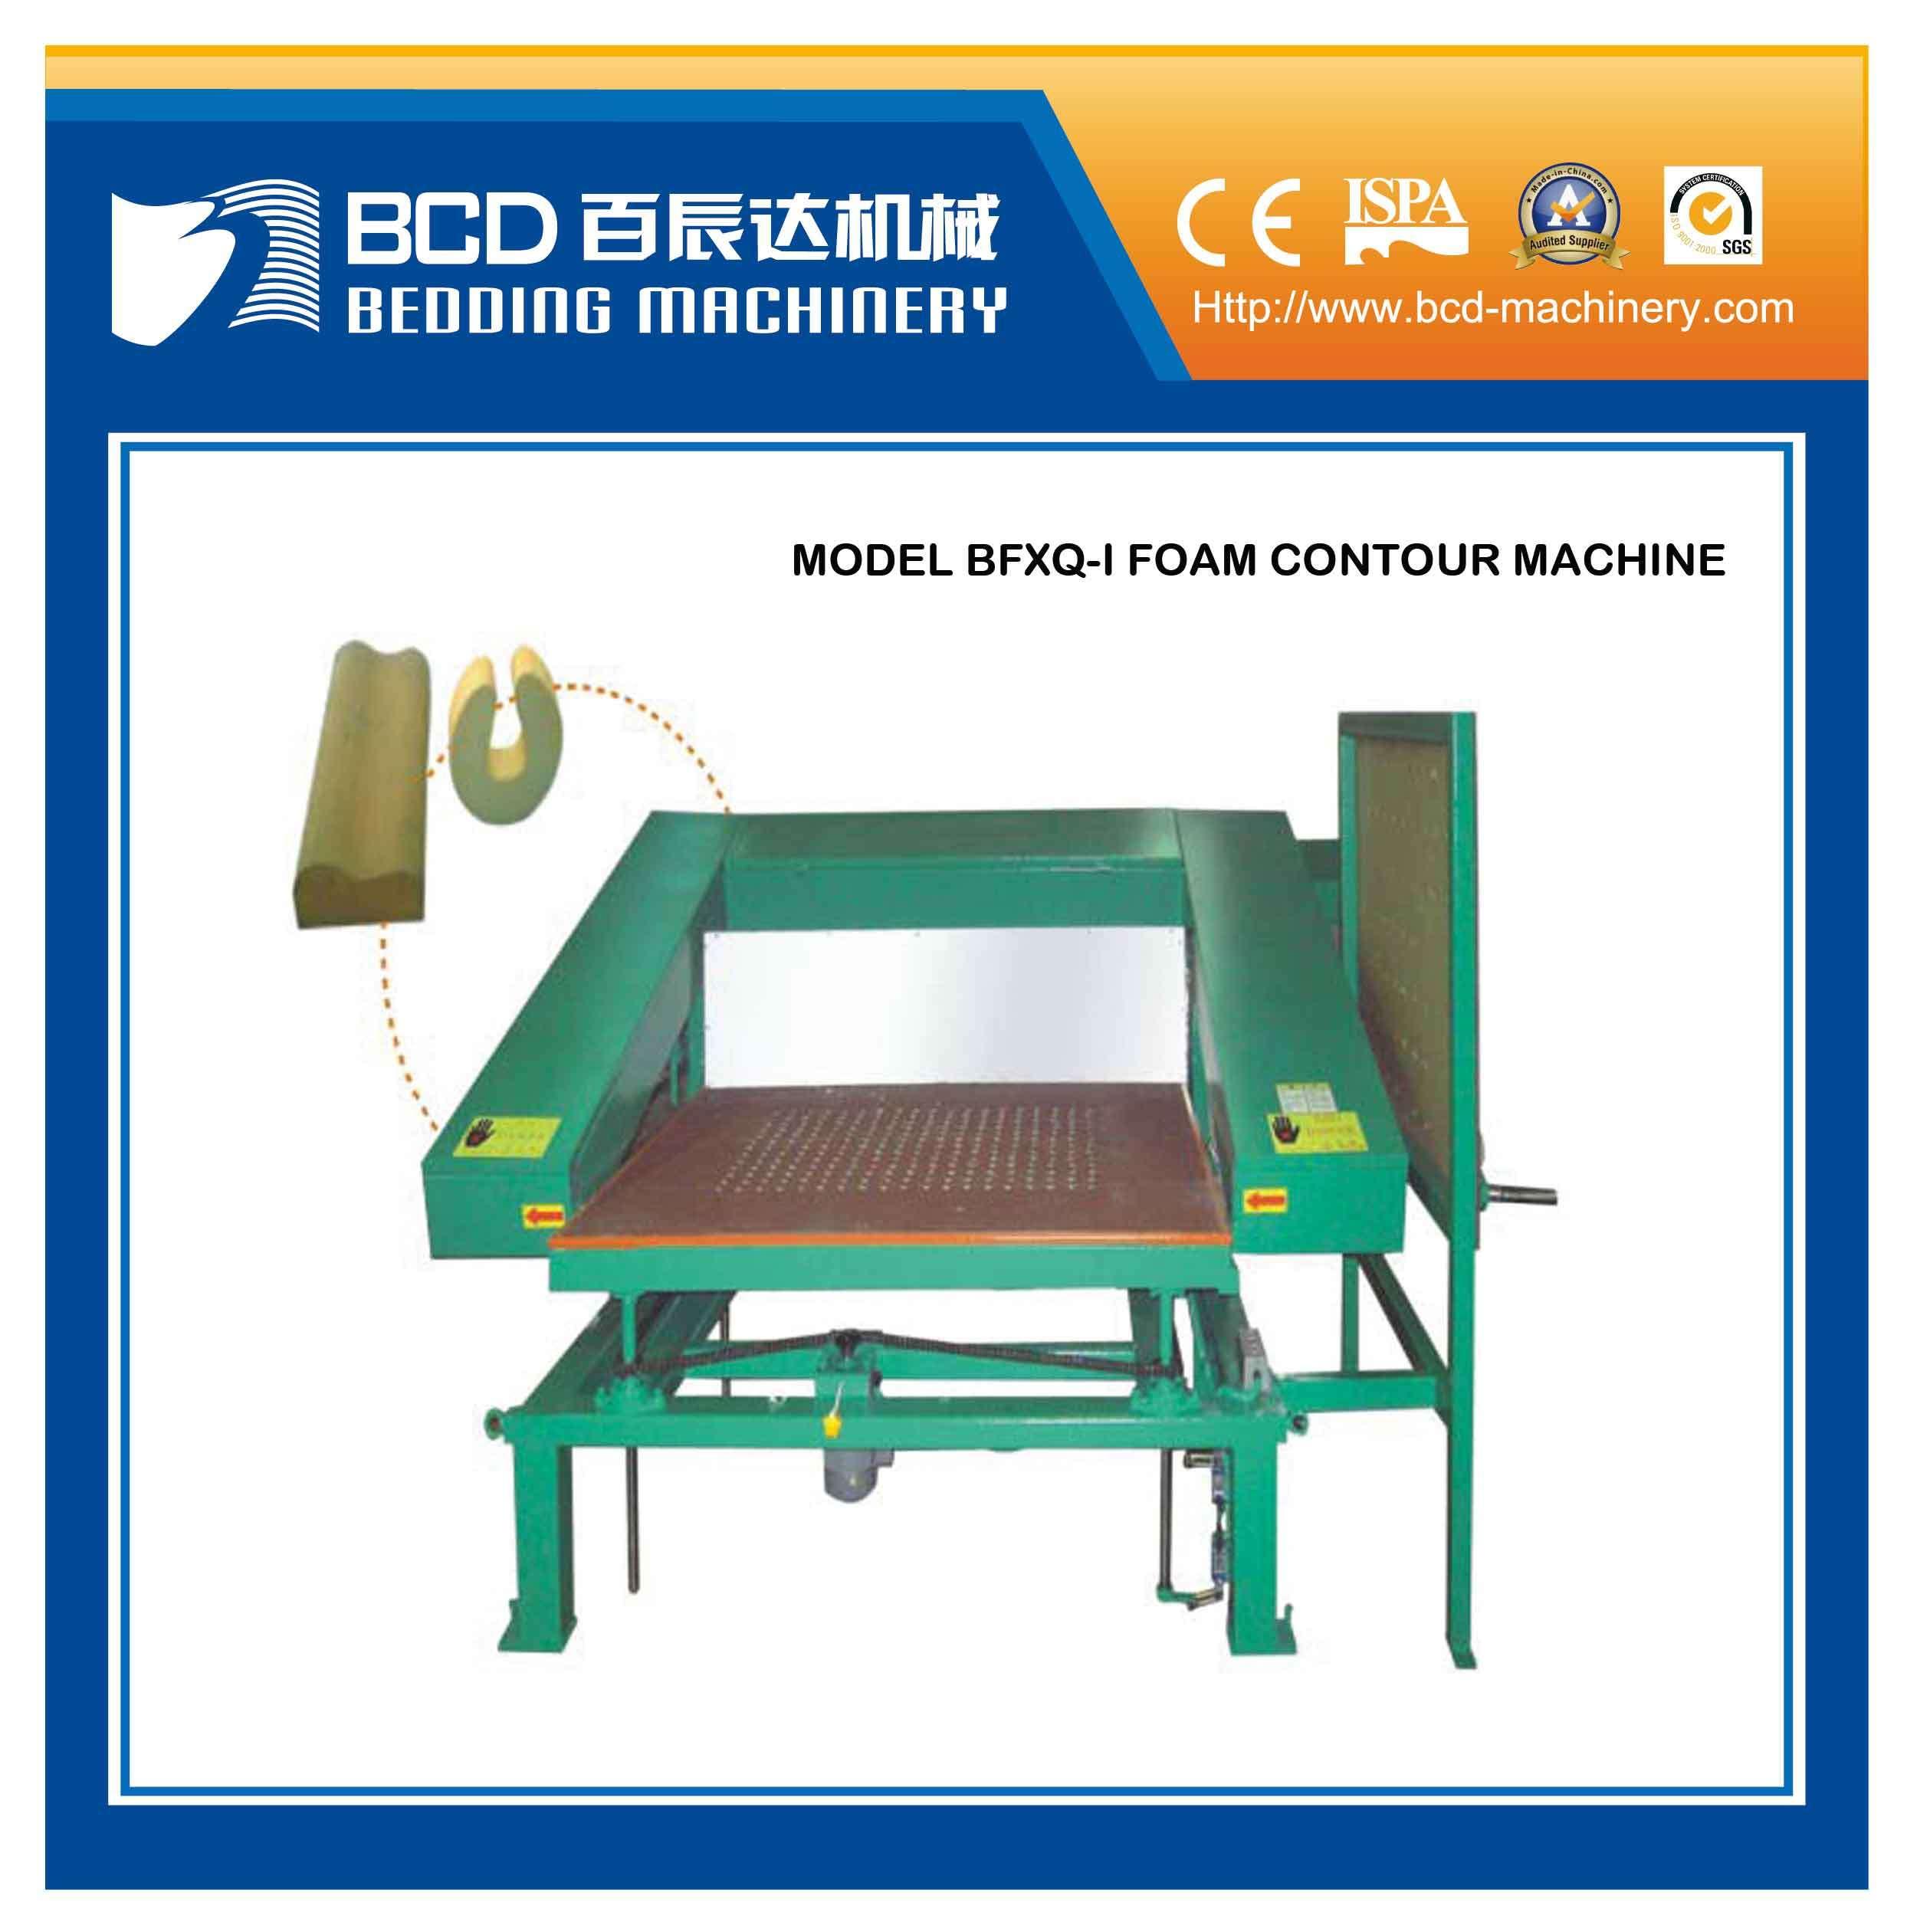 Foam Contour Cutting Machine (BFXQ-1 Manual)